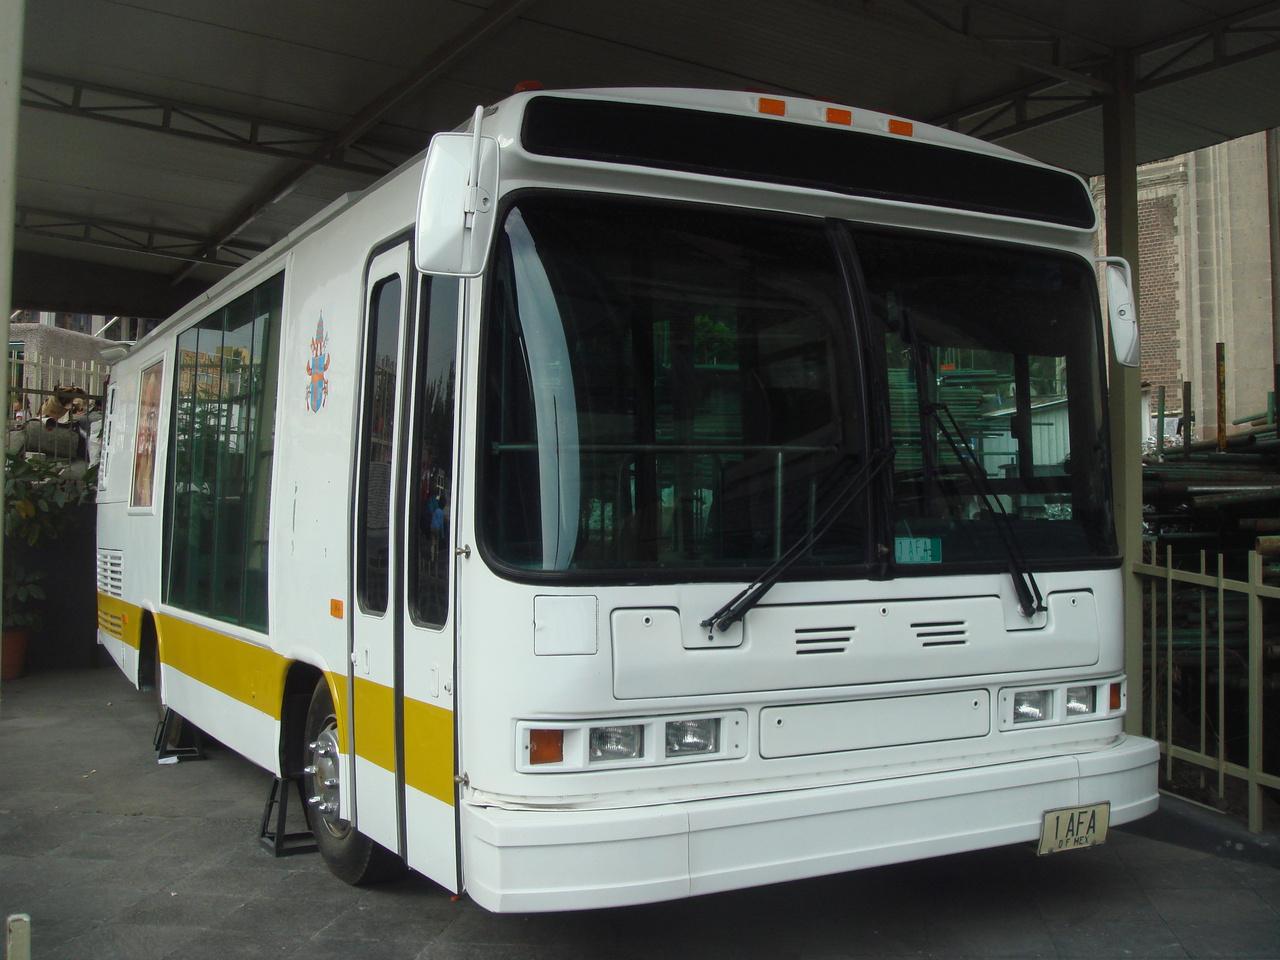 Neoplan AN 408 (1999): Az 1999-es mexikói pápalátogatáskor egy, az USA-ban gyártott Neoplan AN 408-ast alakítottak át pápamobillá. A városi busz utasterében csak egyetlen egy hatalmas fotel volt, amelyben ülve II. János Pál egész Mexikót beutazta. A jármű napjainkban emlékhelyként funkcionál